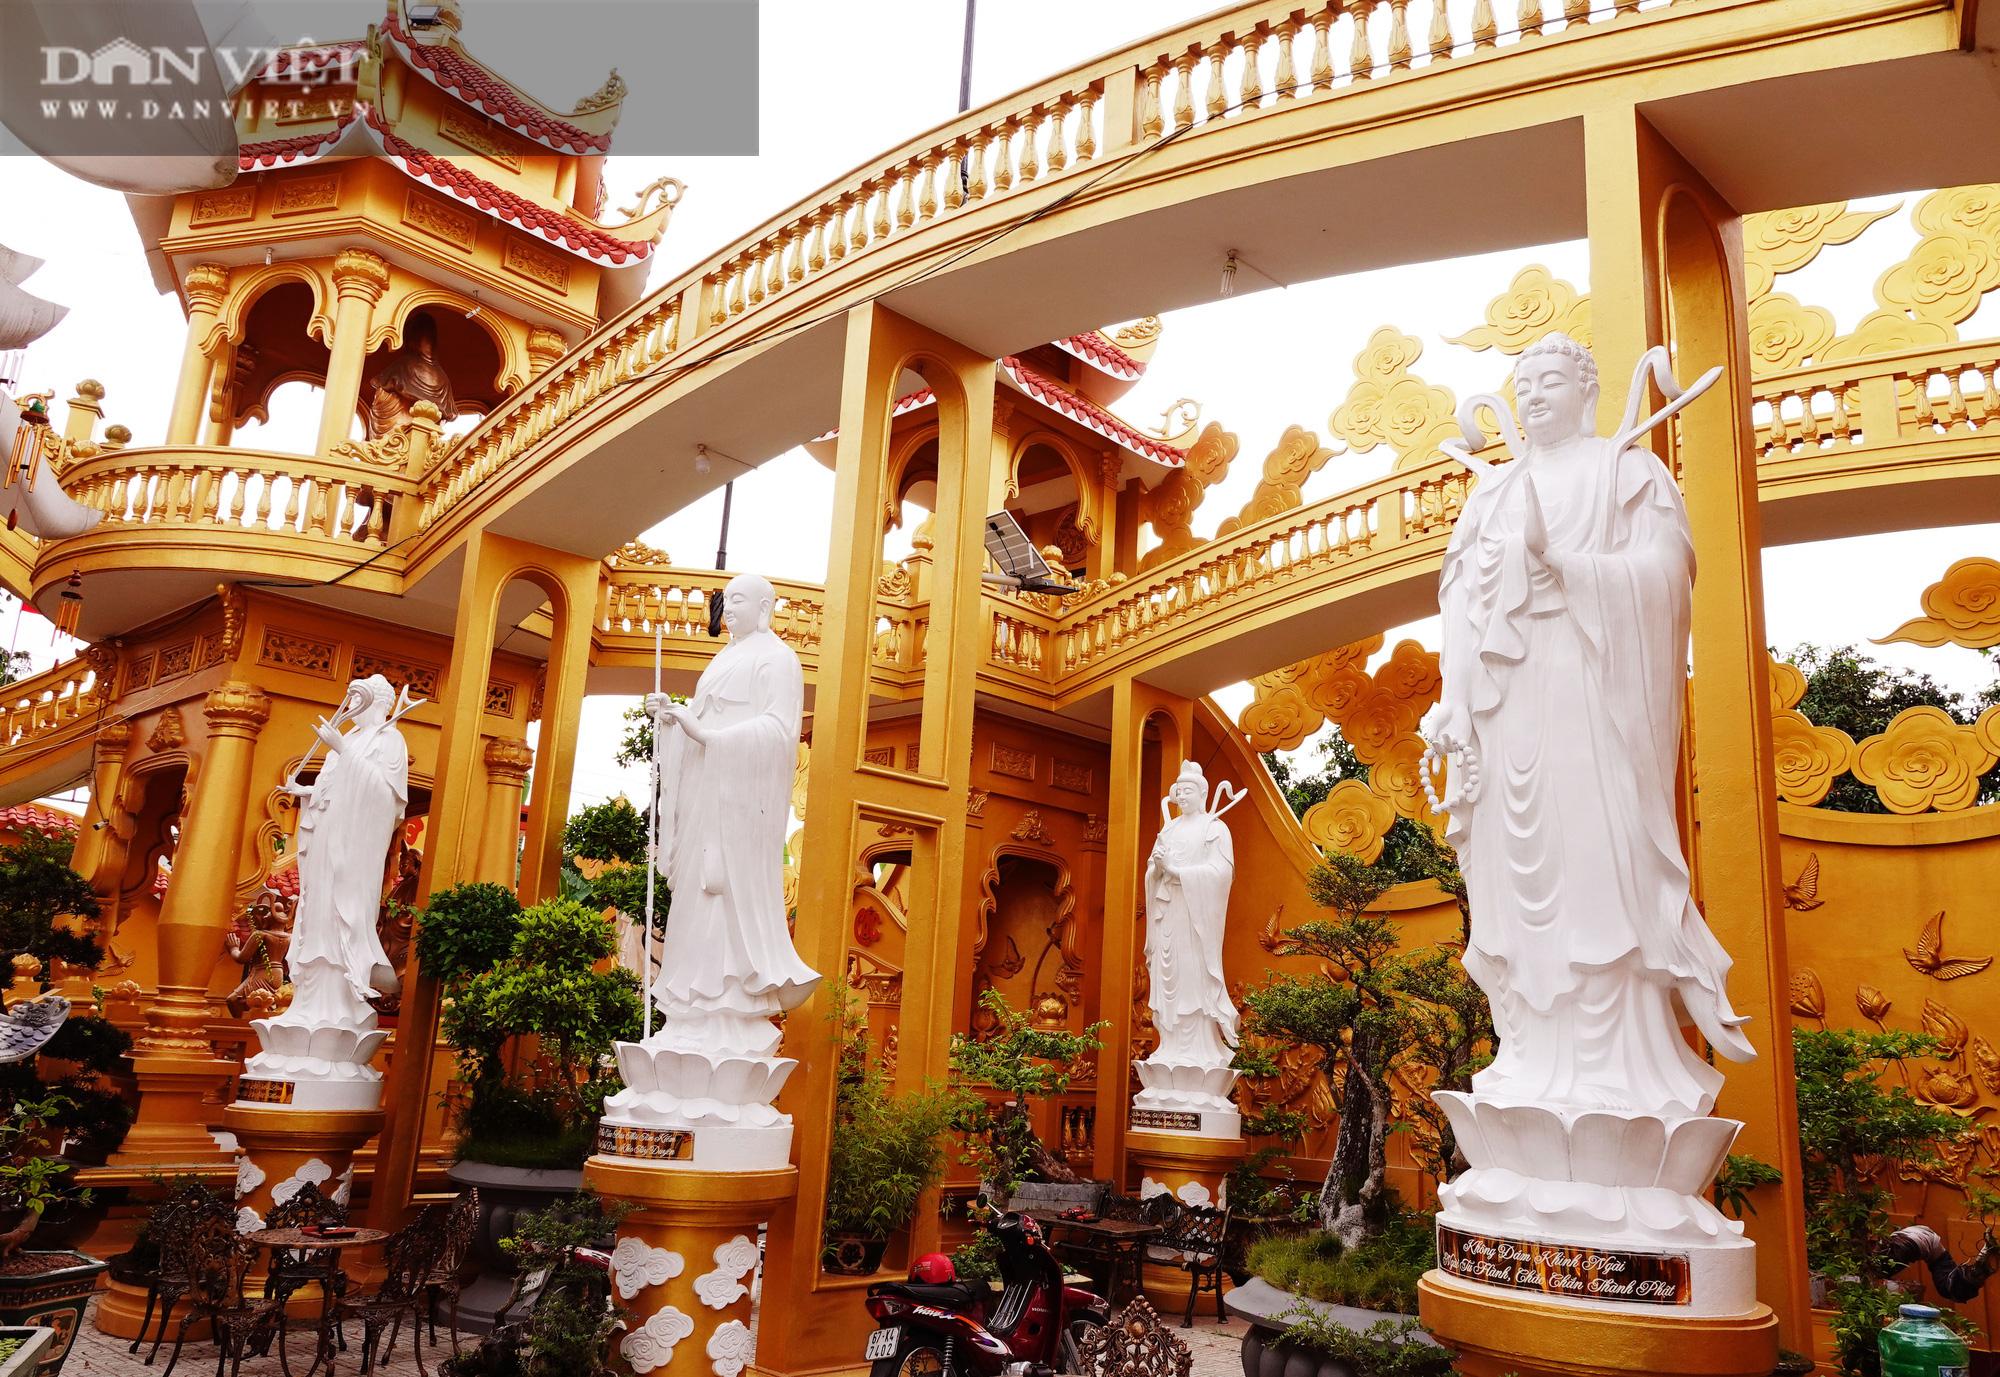 Ngôi chùa ở Cù Lao Giêng với quần thể tượng Phật đạt kỷ lục Việt Nam có gì đặc biệt? - Ảnh 3.